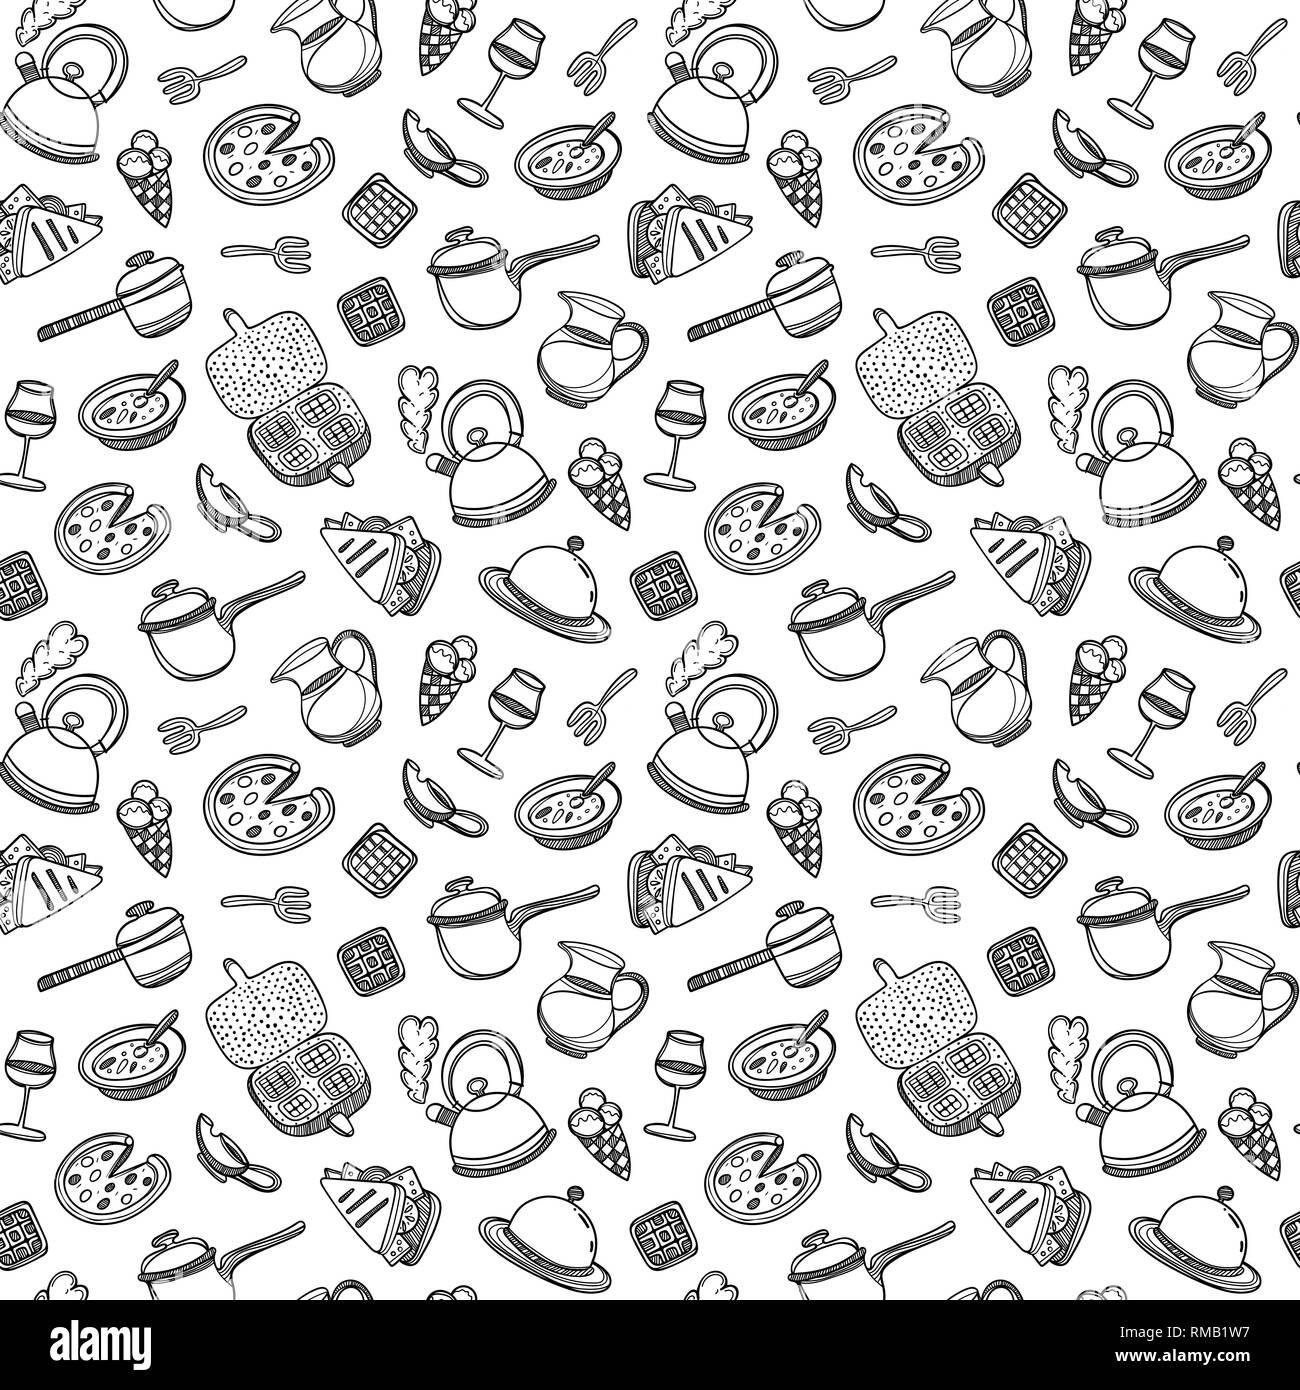 Cute Dibujos Animados De Alimentos Y Utensilios De Cocina Sobre